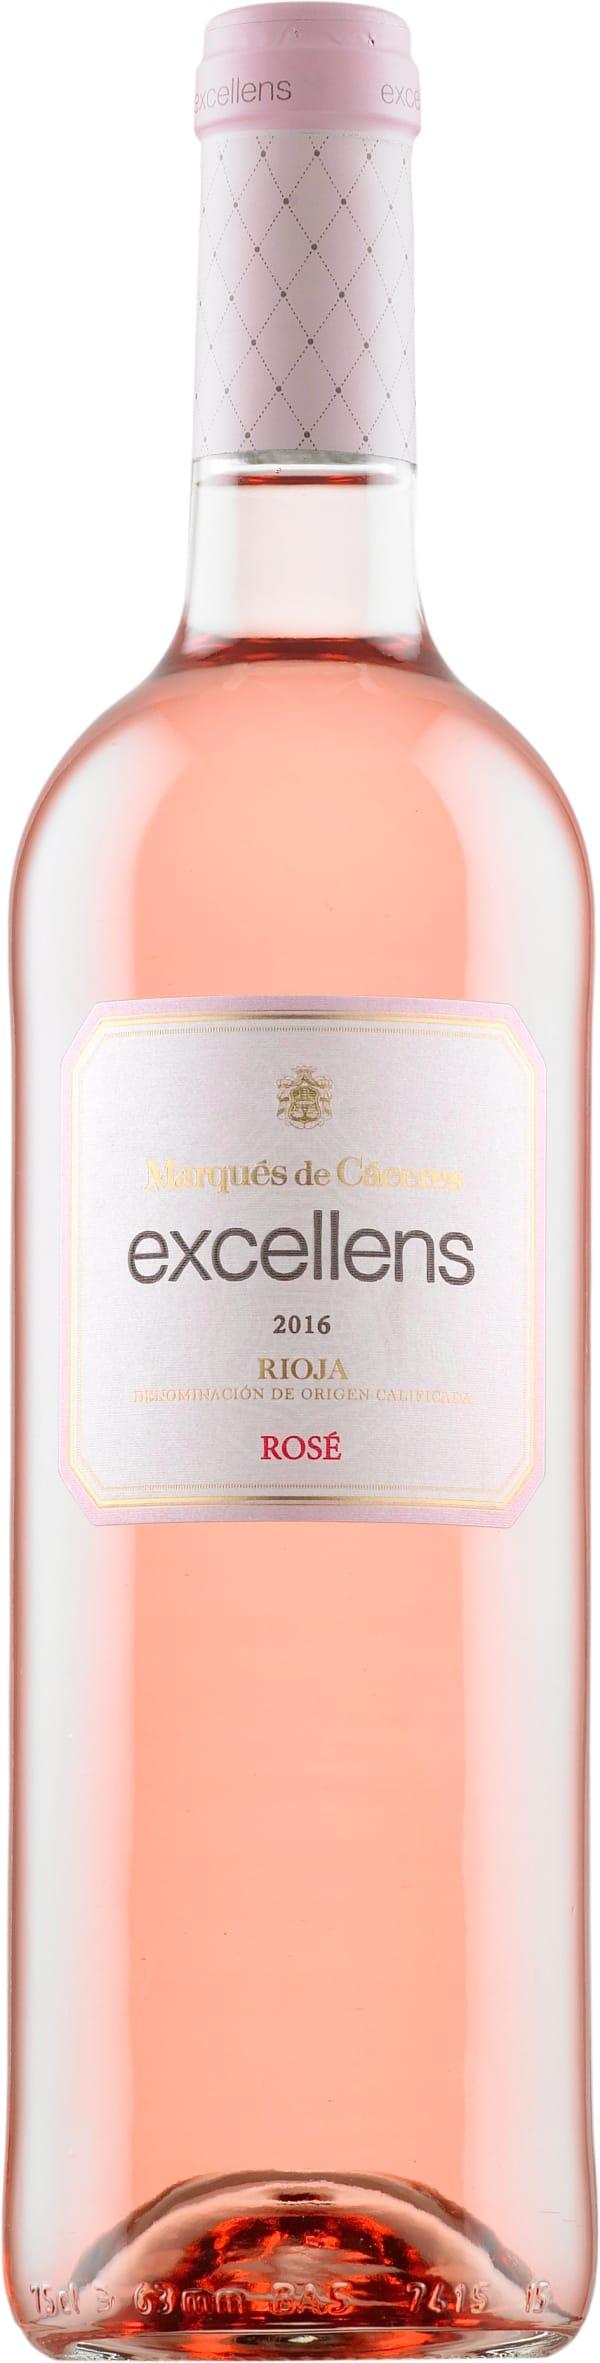 Marqués de Cáceres Excellens Rosé 2019